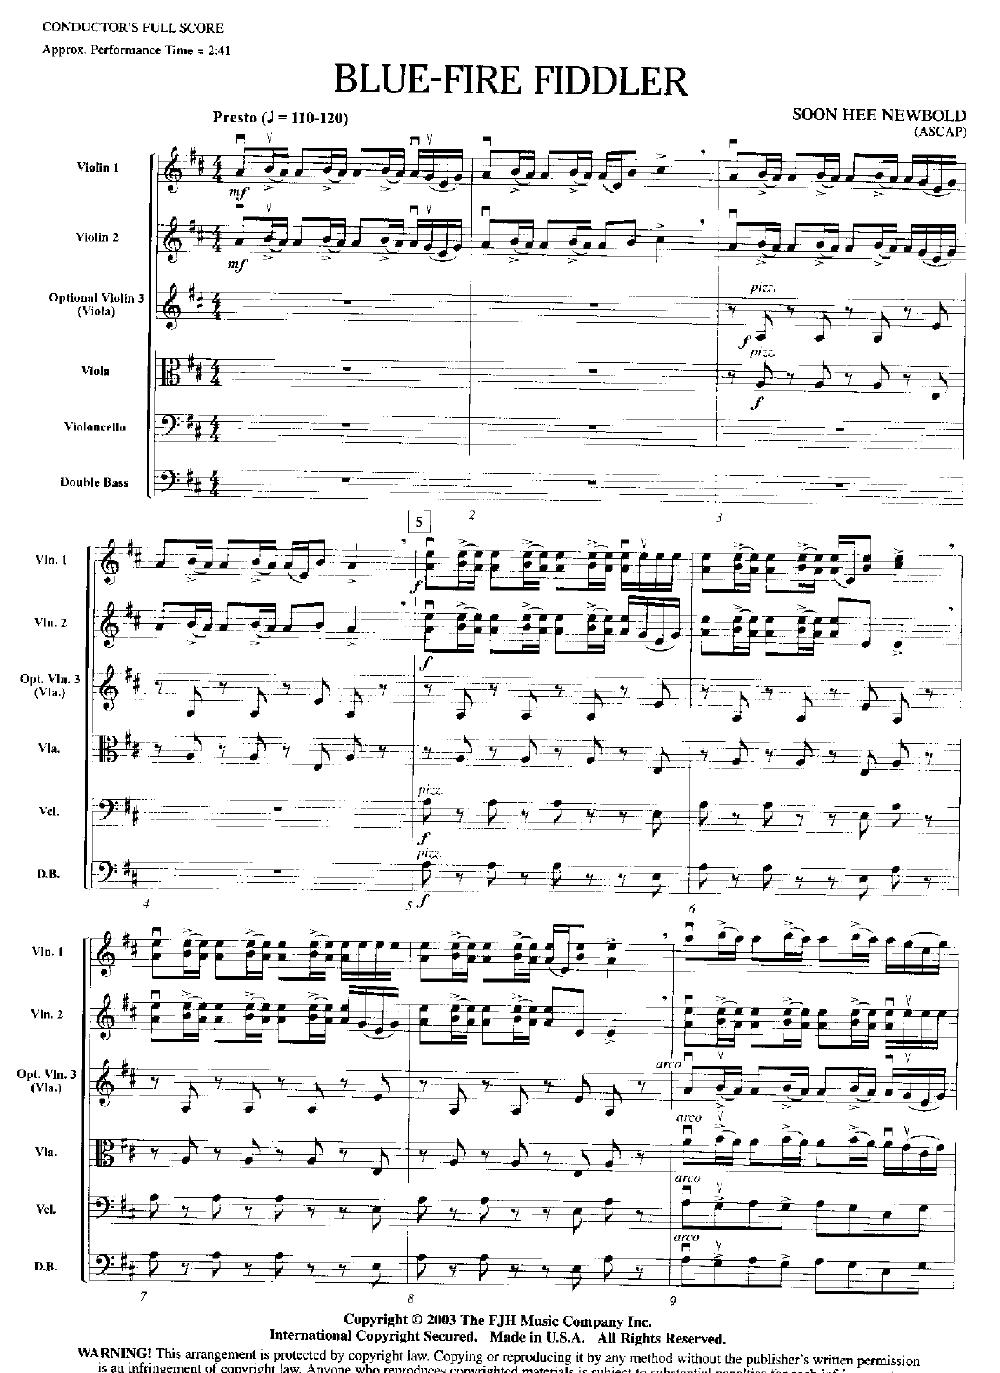 Blue-Fire Fiddler Thumbnail